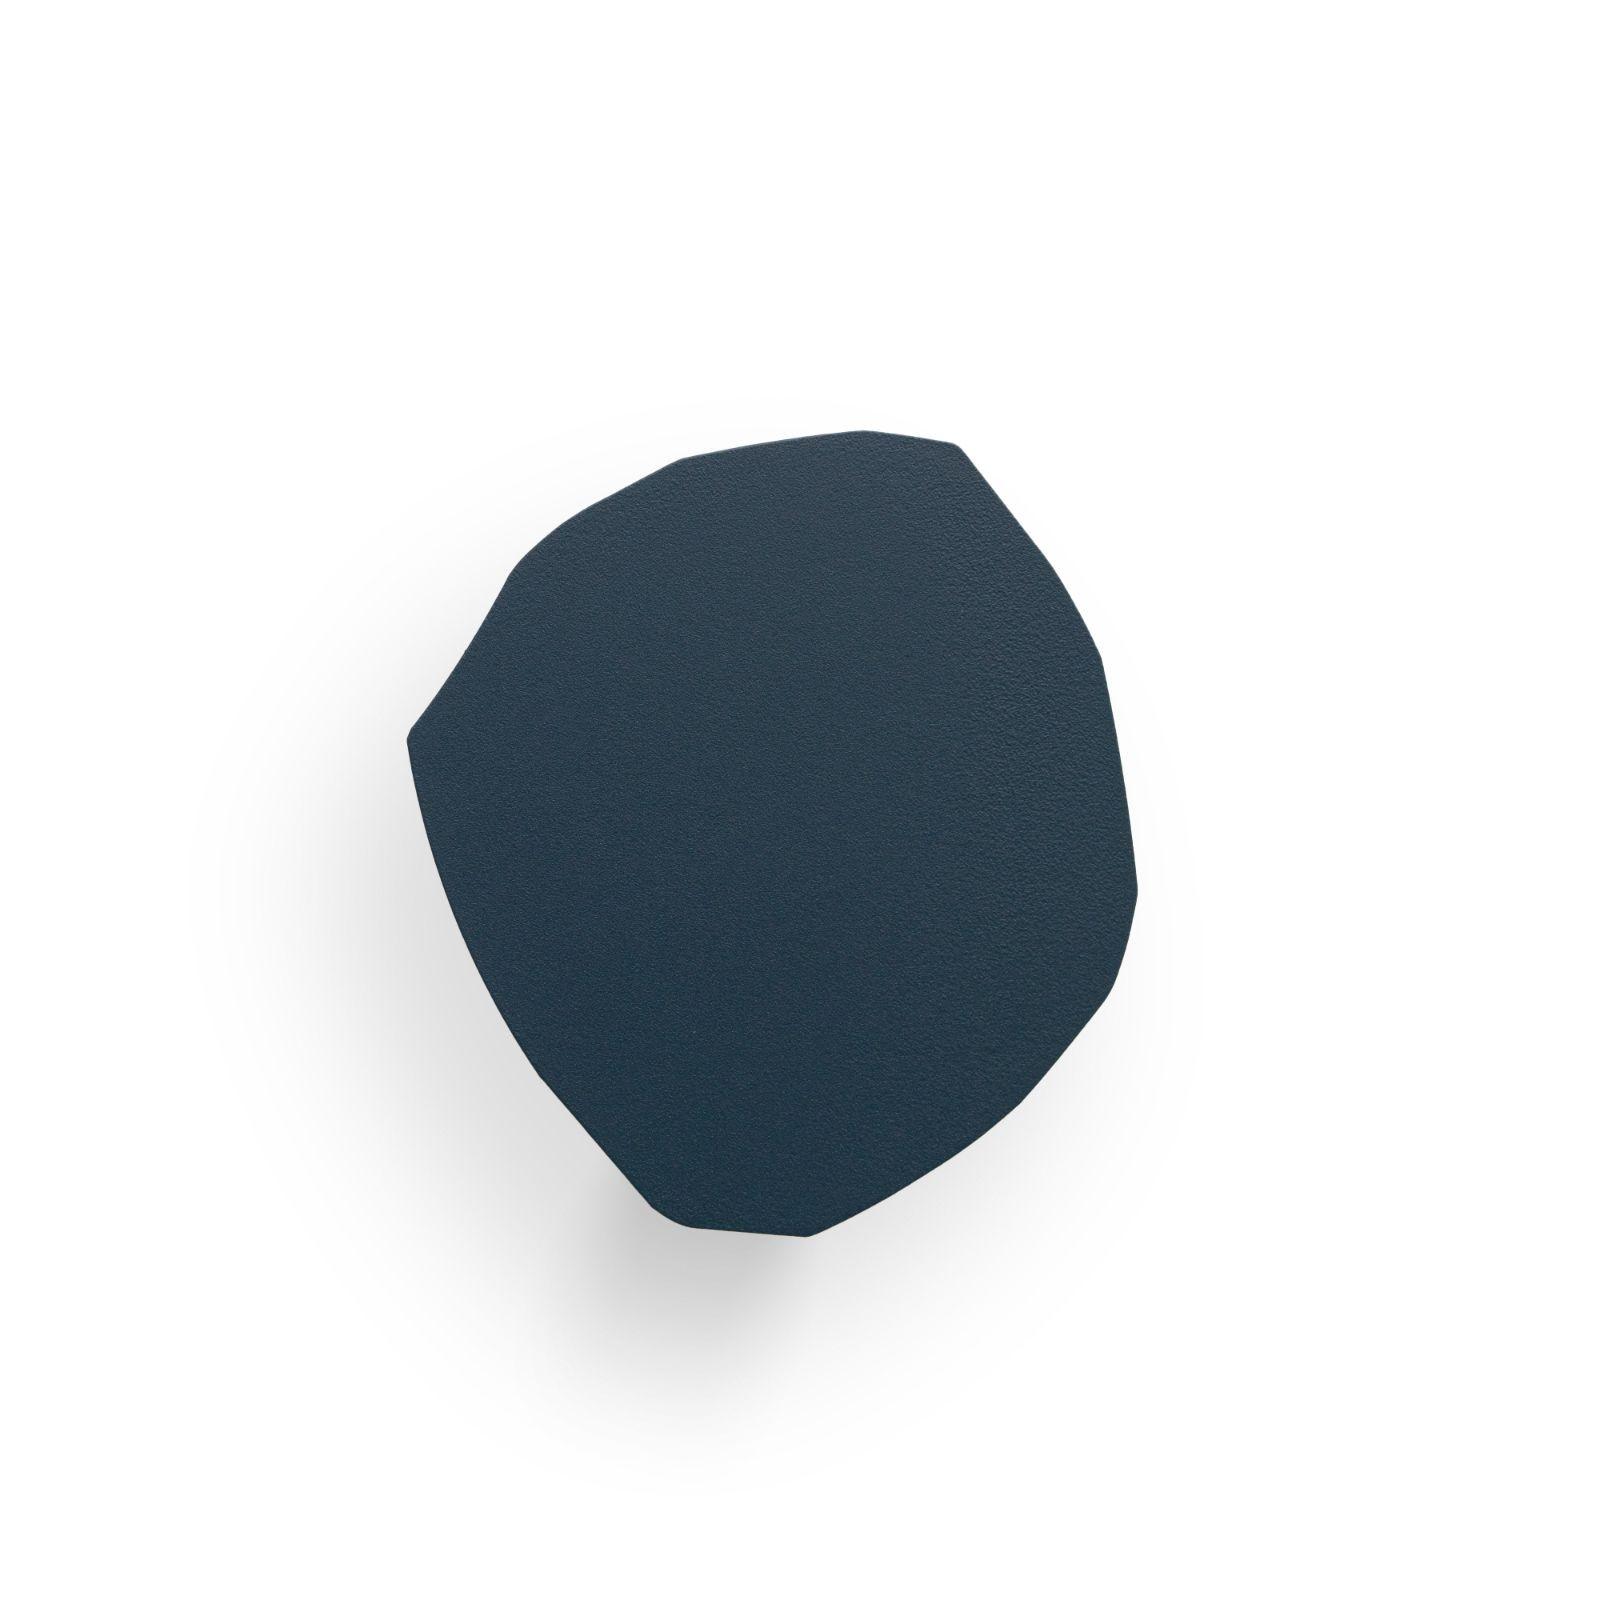 Κρεμάστρα Τοίχου ENRI03 (Σκούρο Μπλε) - Presse Citron